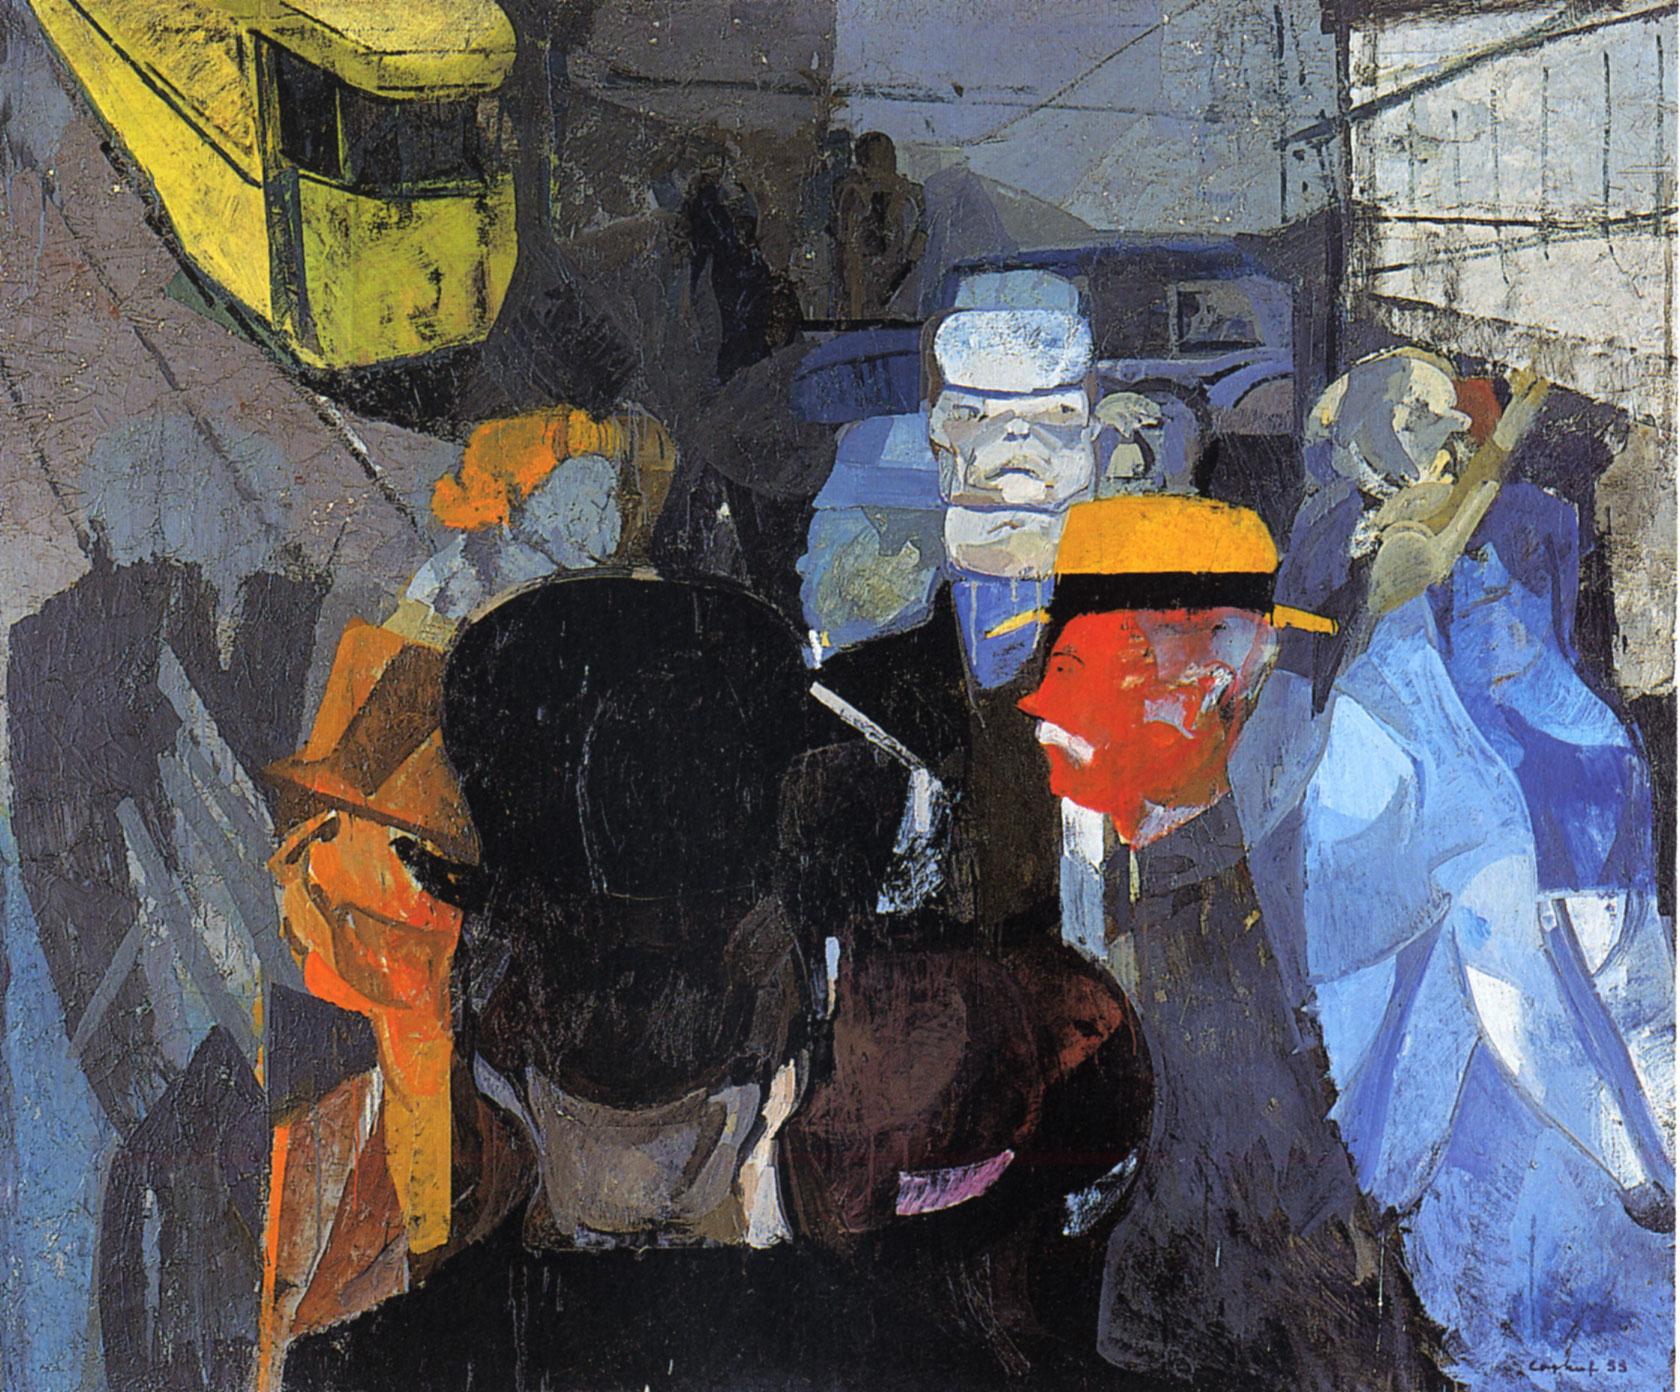 Coghuf, Marseille, 1933. Huile sur toile, 146 x 175 cm, Groupe Bâloise